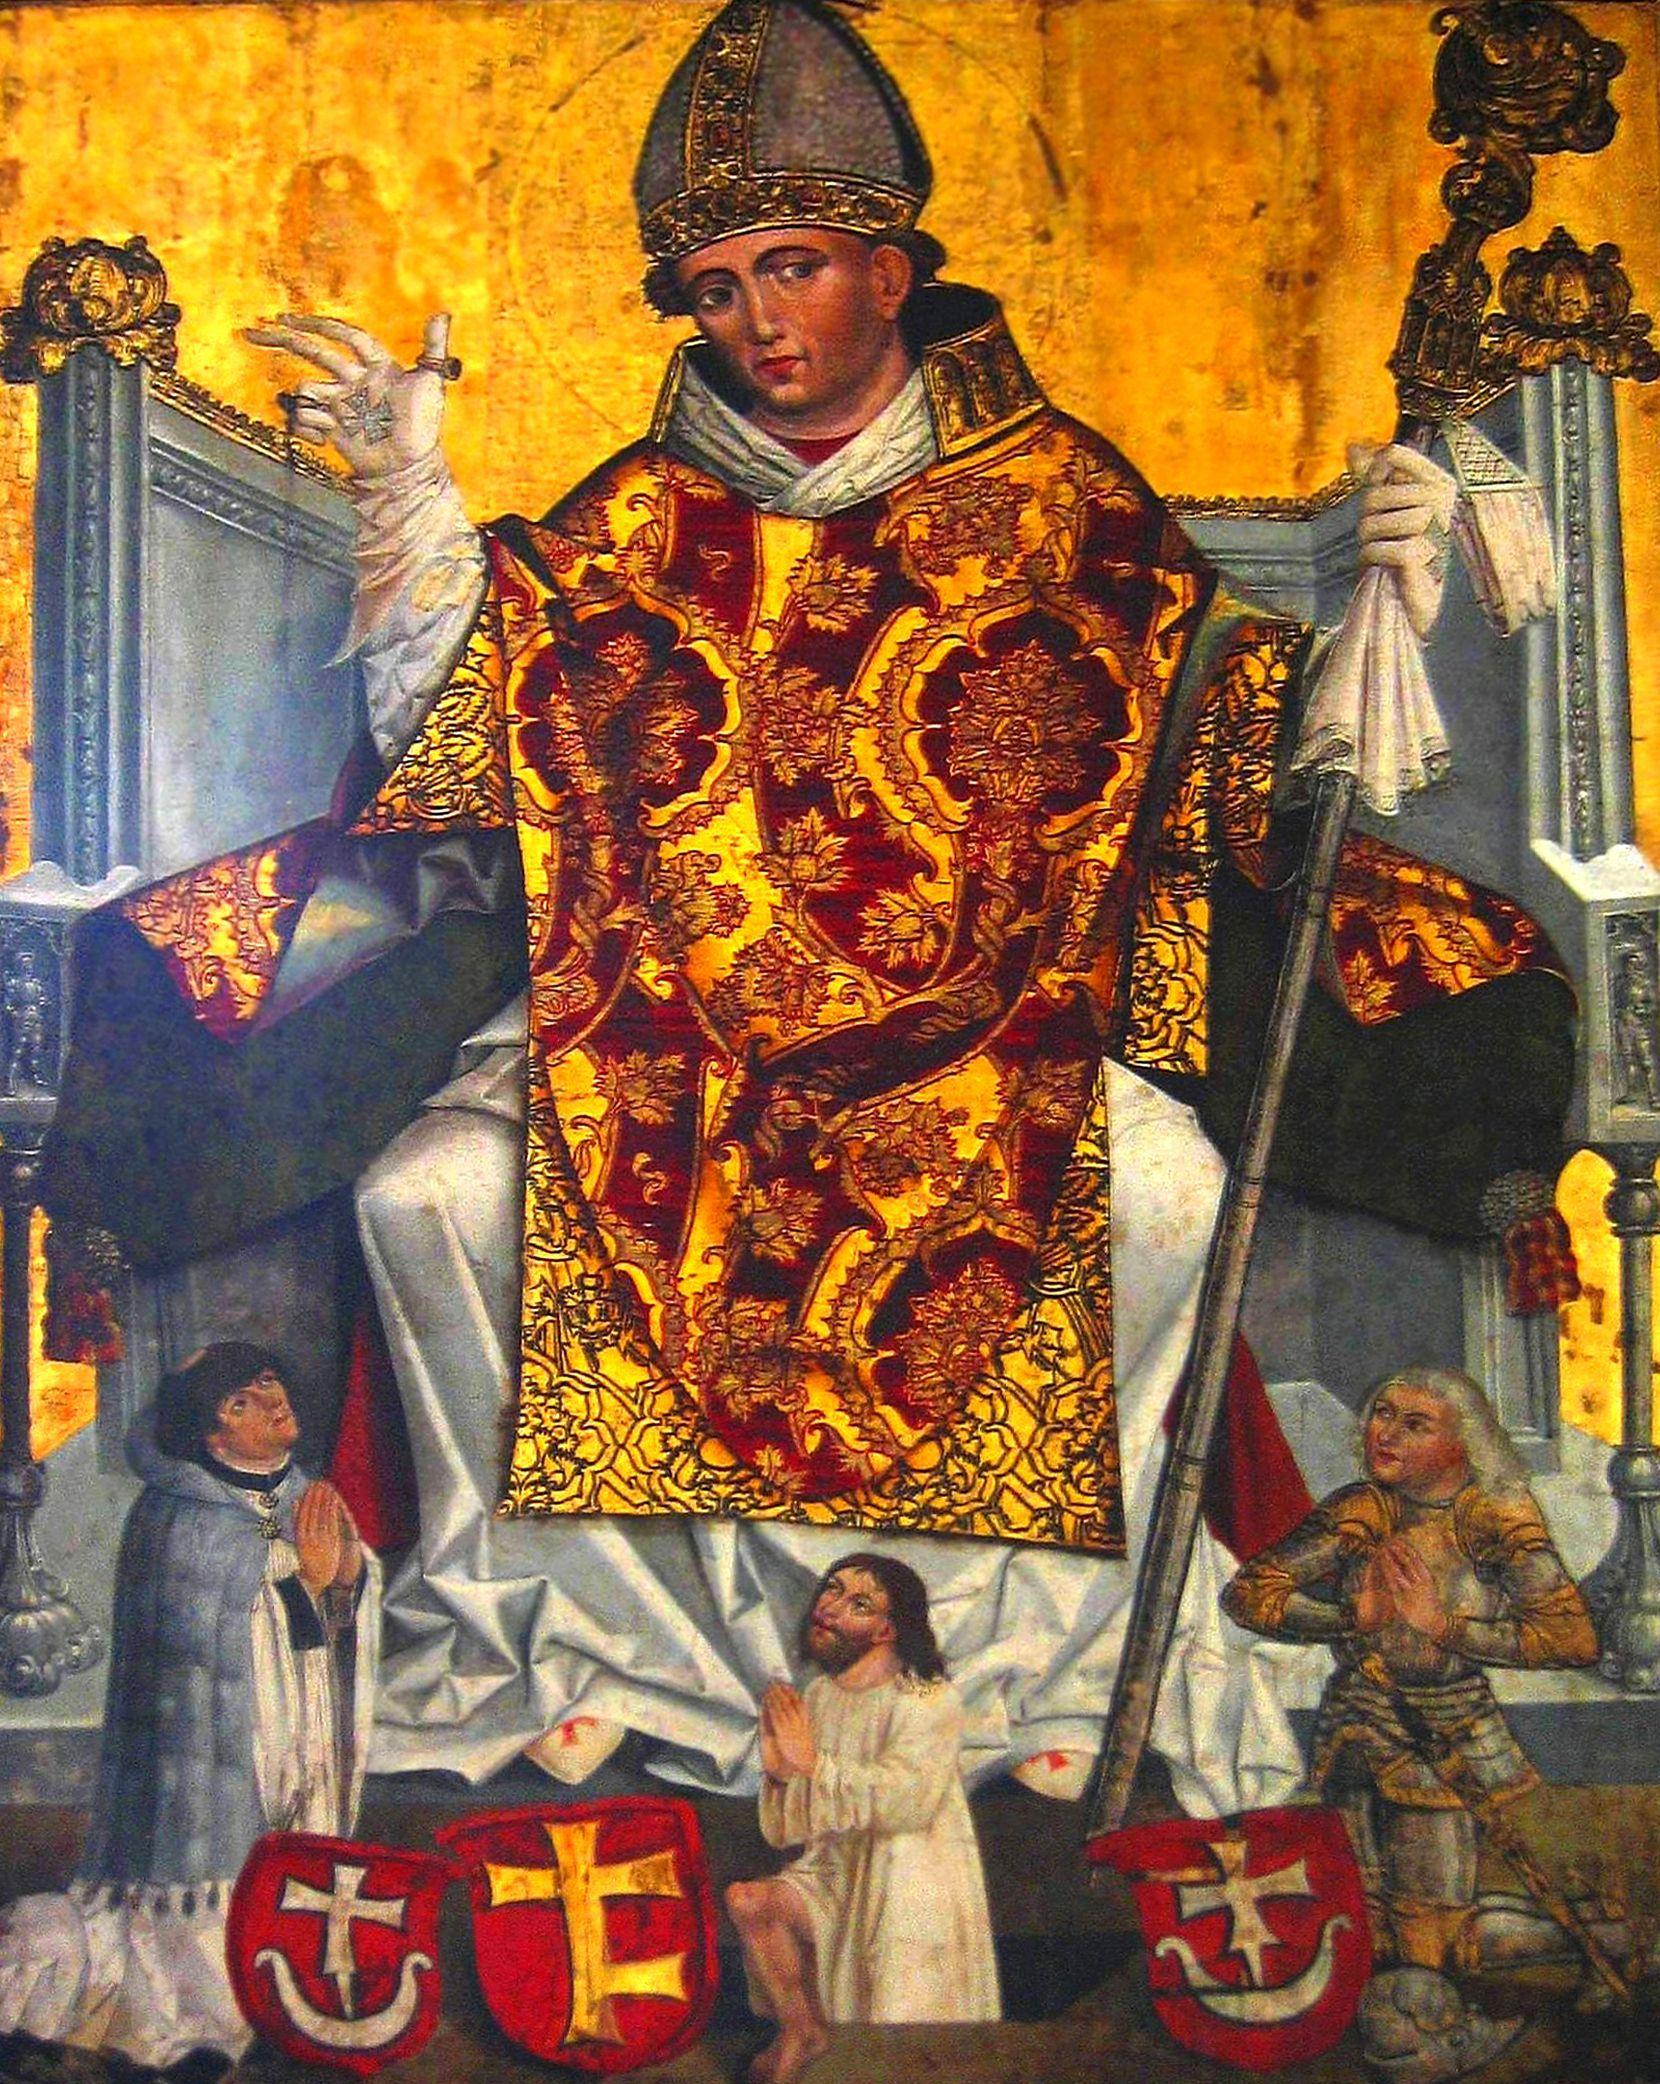 Wbrew legendzie Bolesław wcale nie zarąbał własnoręcznie biskupa Stanisława. Skazał go jednak na obcięcie członków. Na ilustracji Obraz przedstawiający Stanisława z około 1490 roku. Znajduje się o w klasztorze franciszkanów w Krakowie.